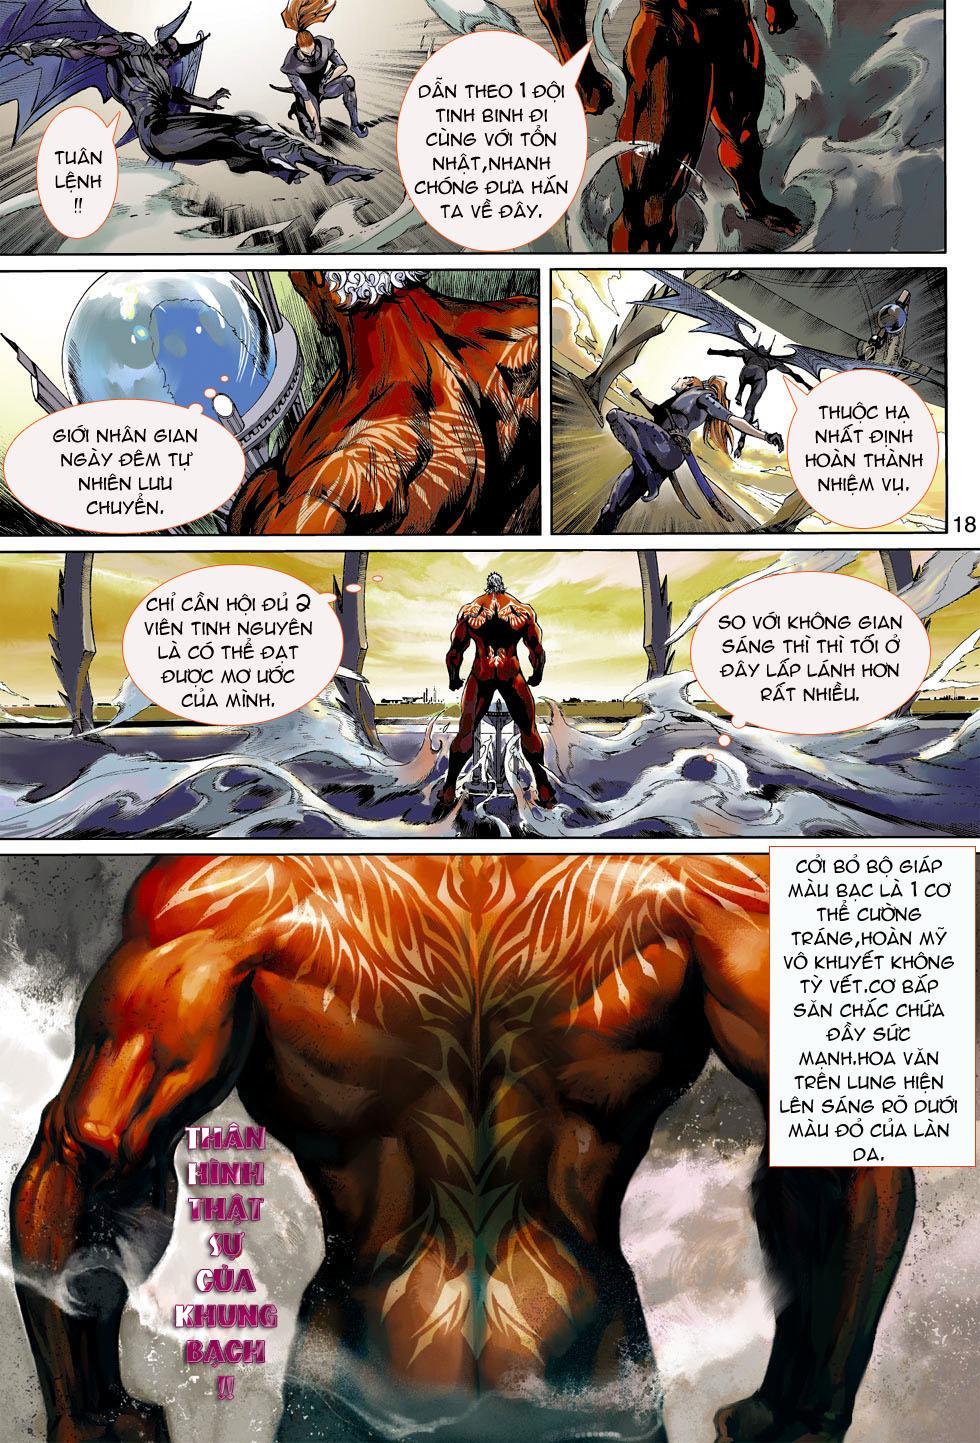 Thần Binh 4 chap 4 - Trang 18